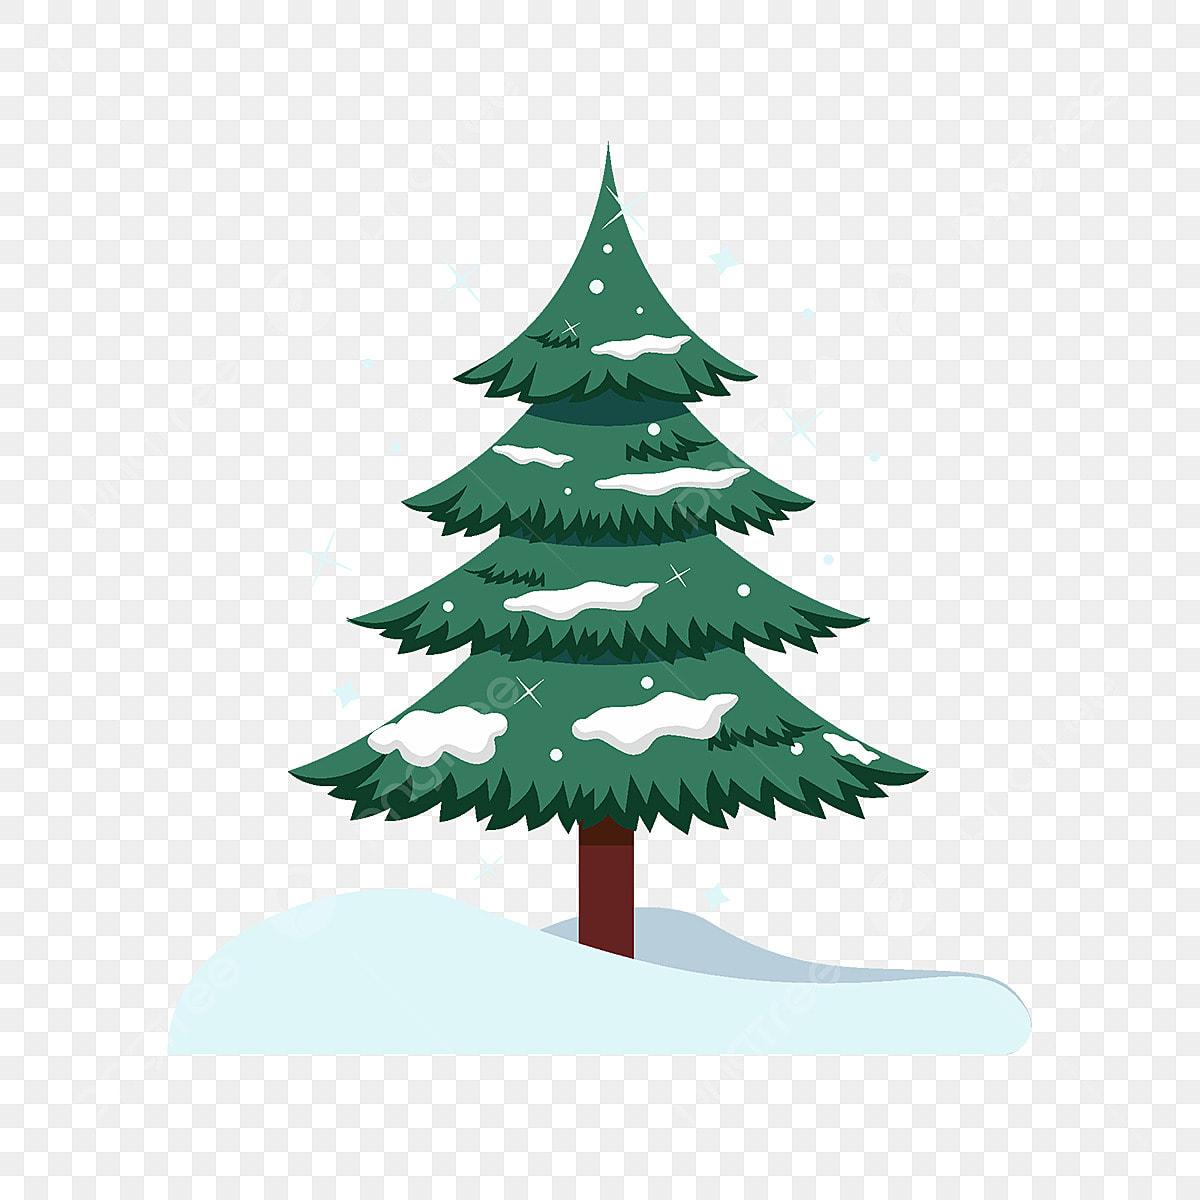 Weihnachtsbaum Clipart.Weihnachtsbaum Element Schneeflocke Dekorative Süß Png Bild Und